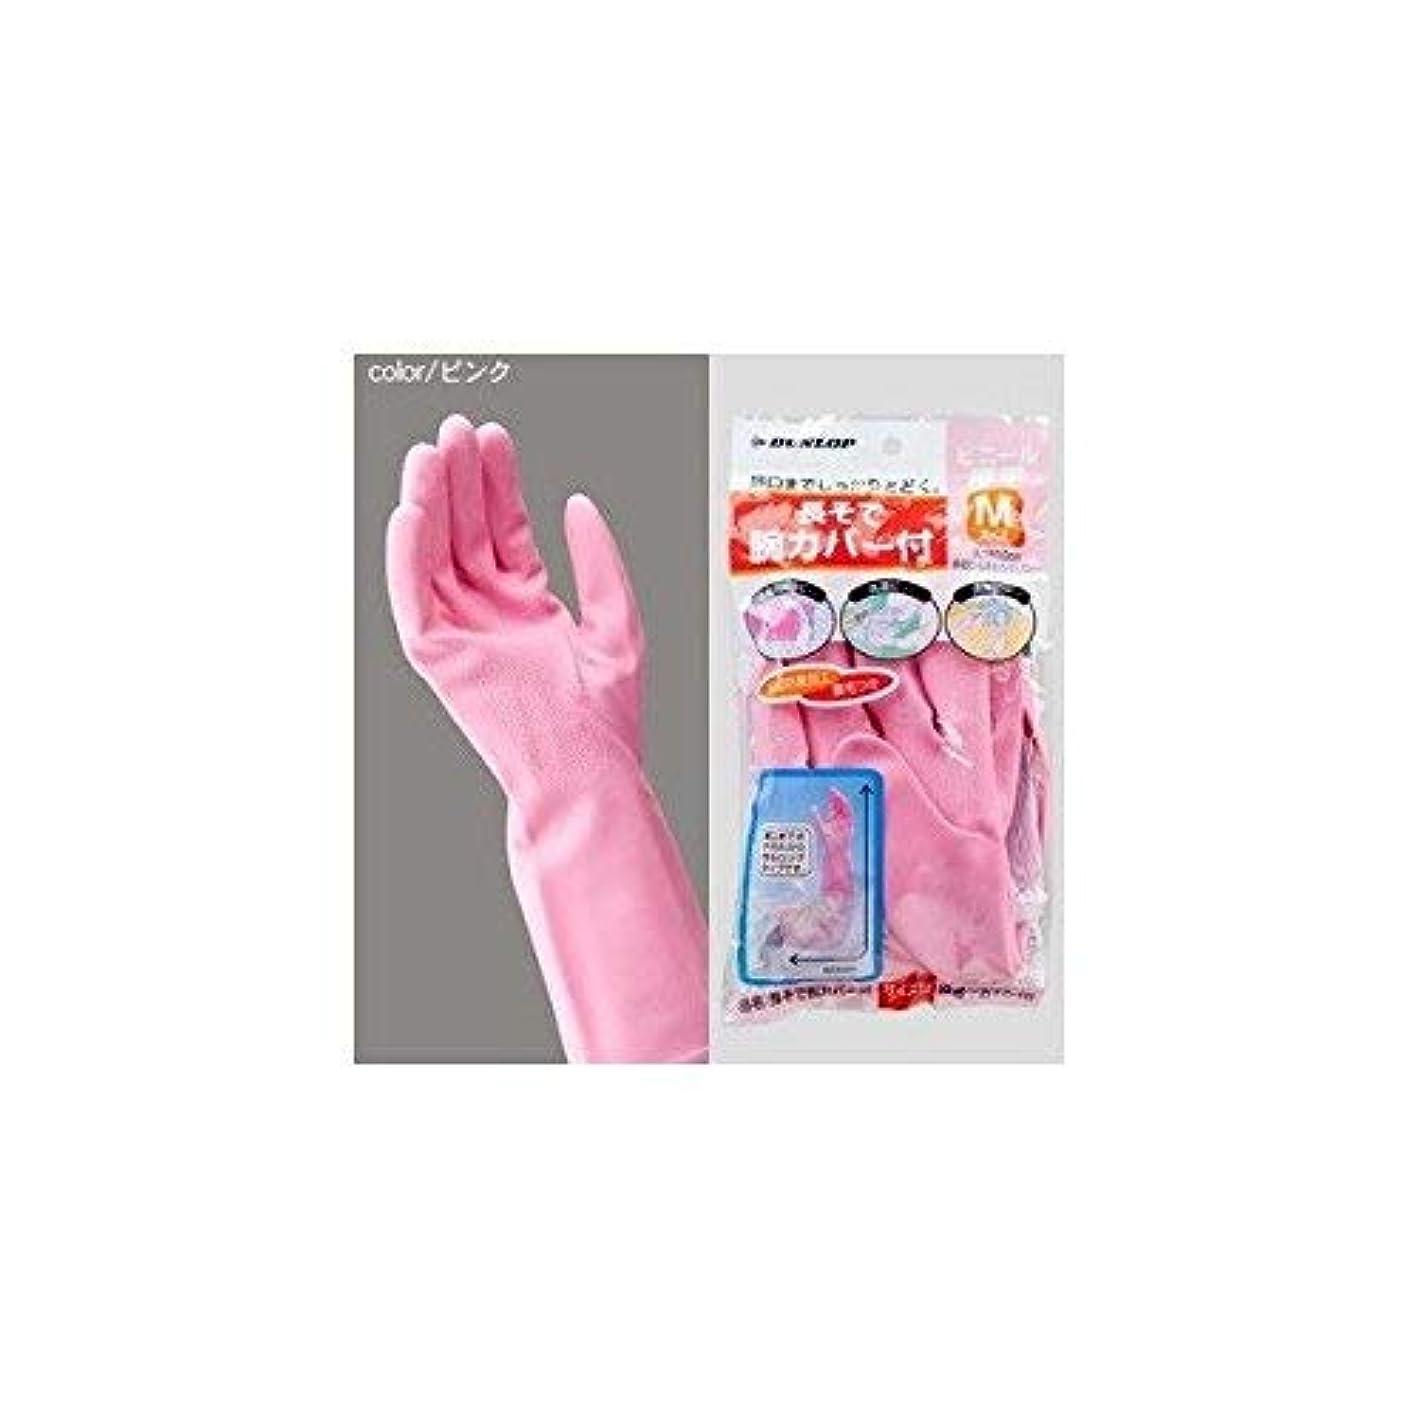 山狂信者ディスパッチダンロップ ビニール手袋 厚手腕カバー付 M ピンク ×30個